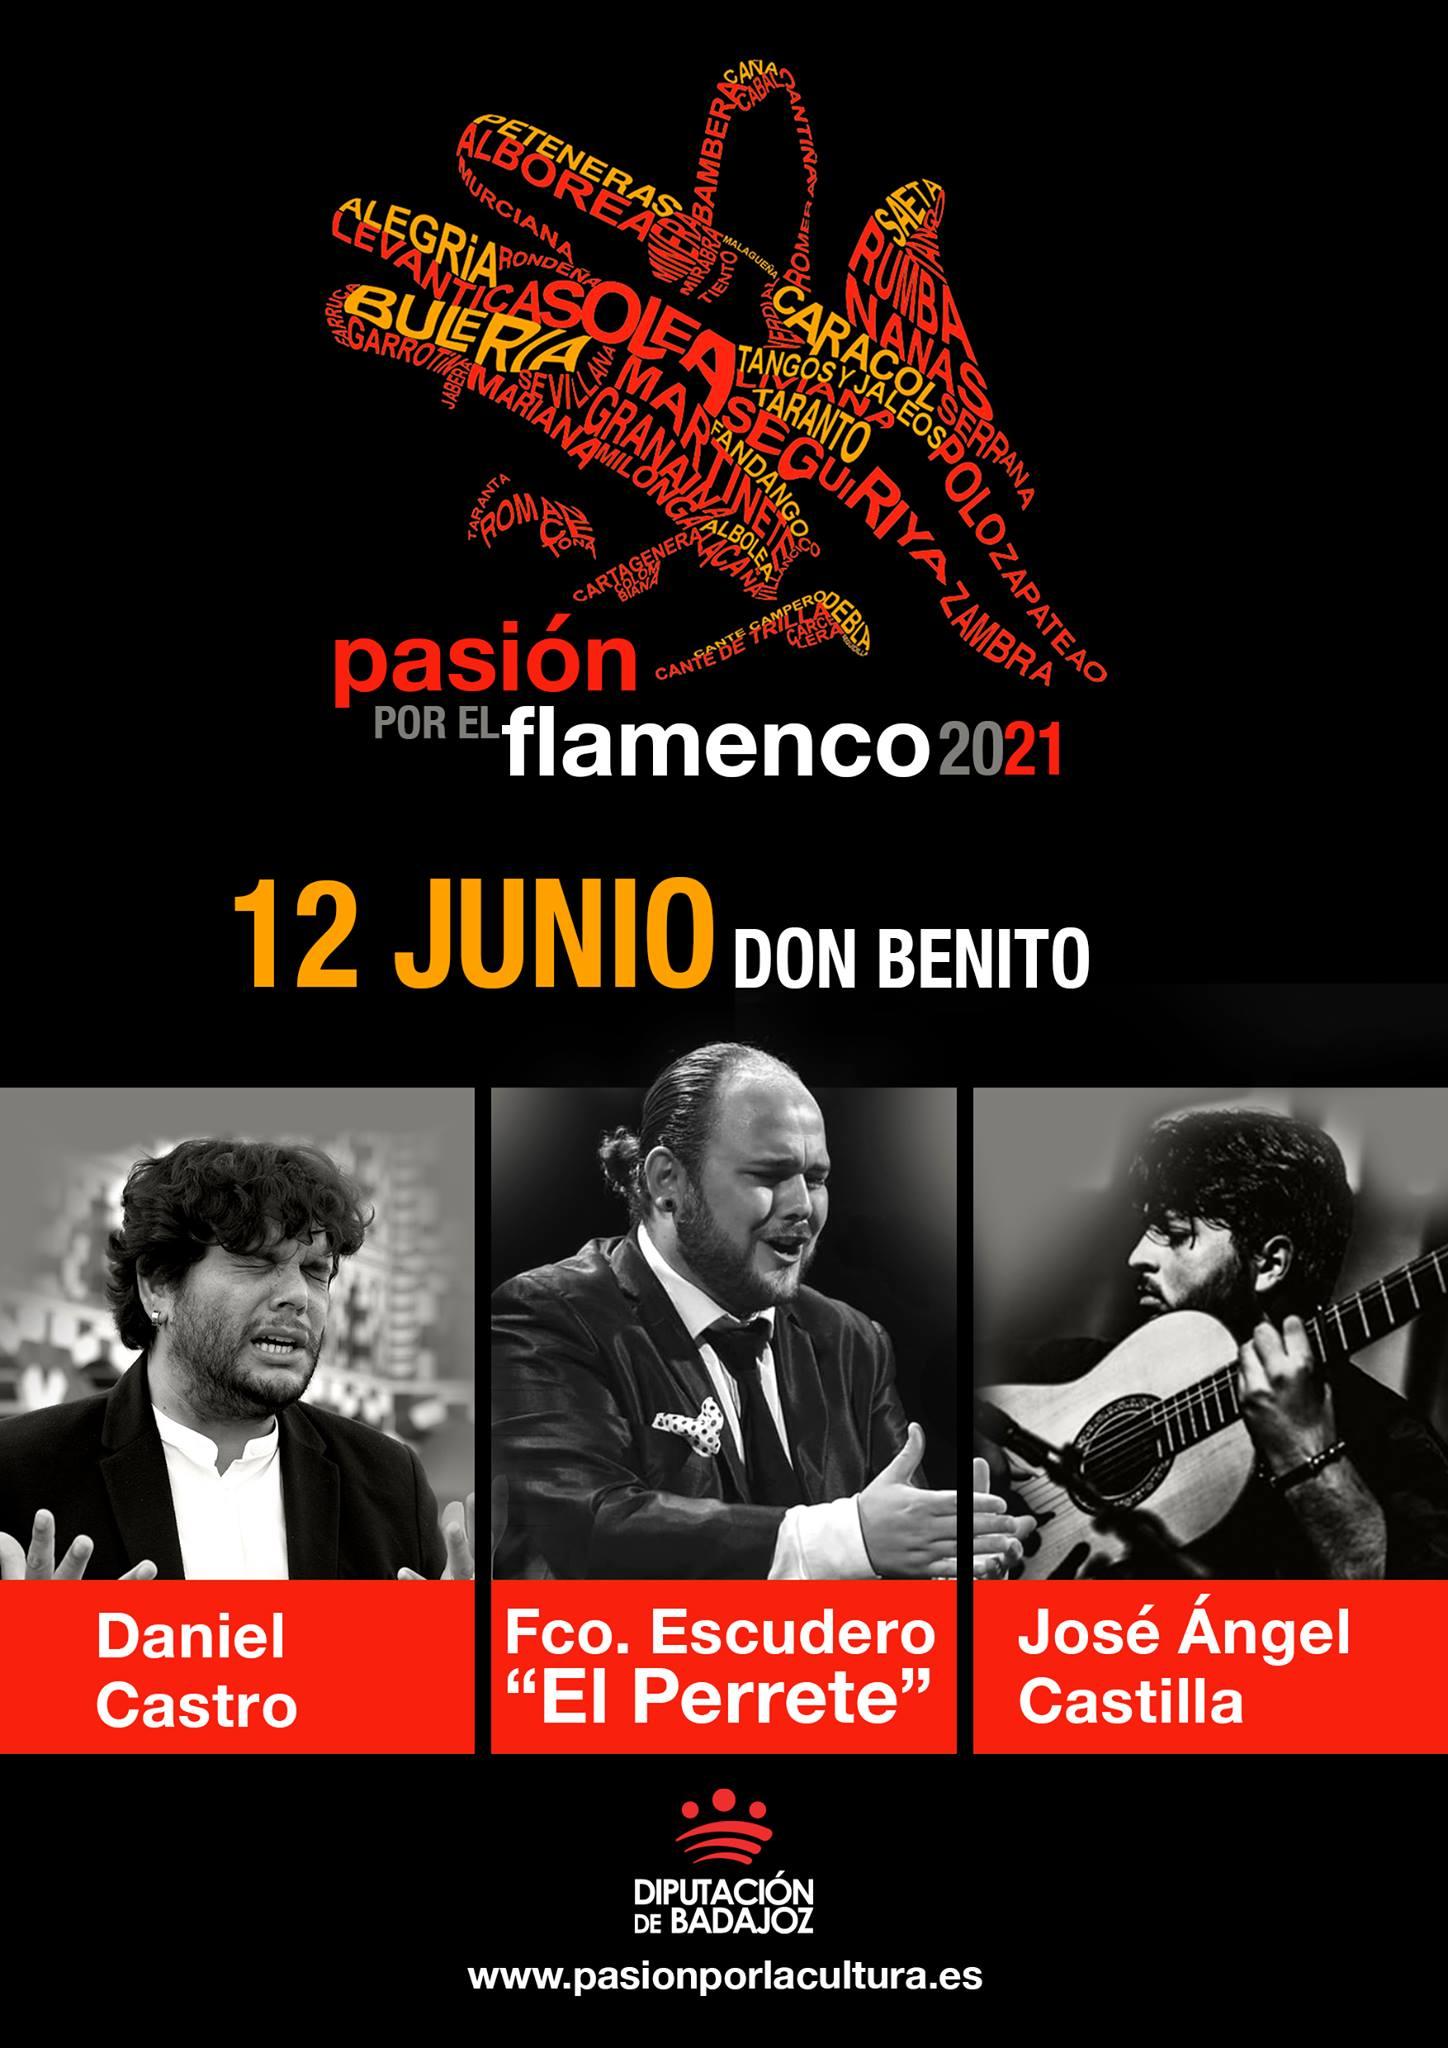 PASIÓN POR EL FLAMENCO | Francisco Escudero 'El Perrete' + Daniel Castro + José Ángel Castilla